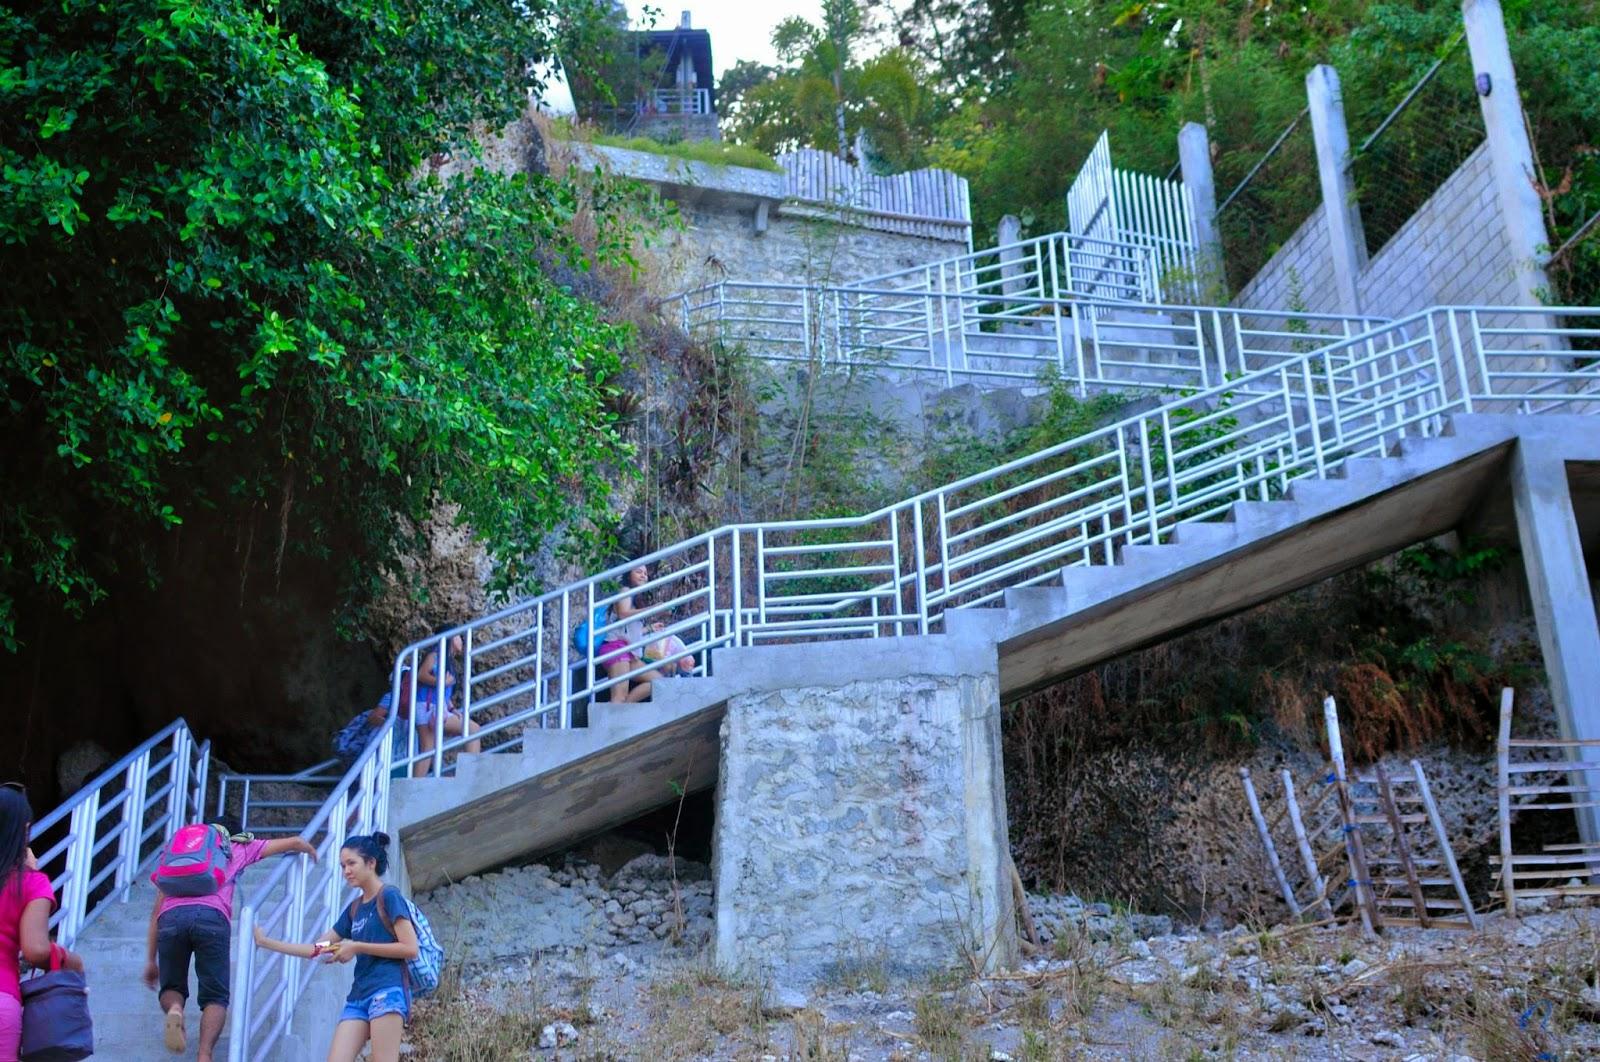 Tan awan cangcua ay beach modern villa de luxe oslob for Villa de luxe moderne